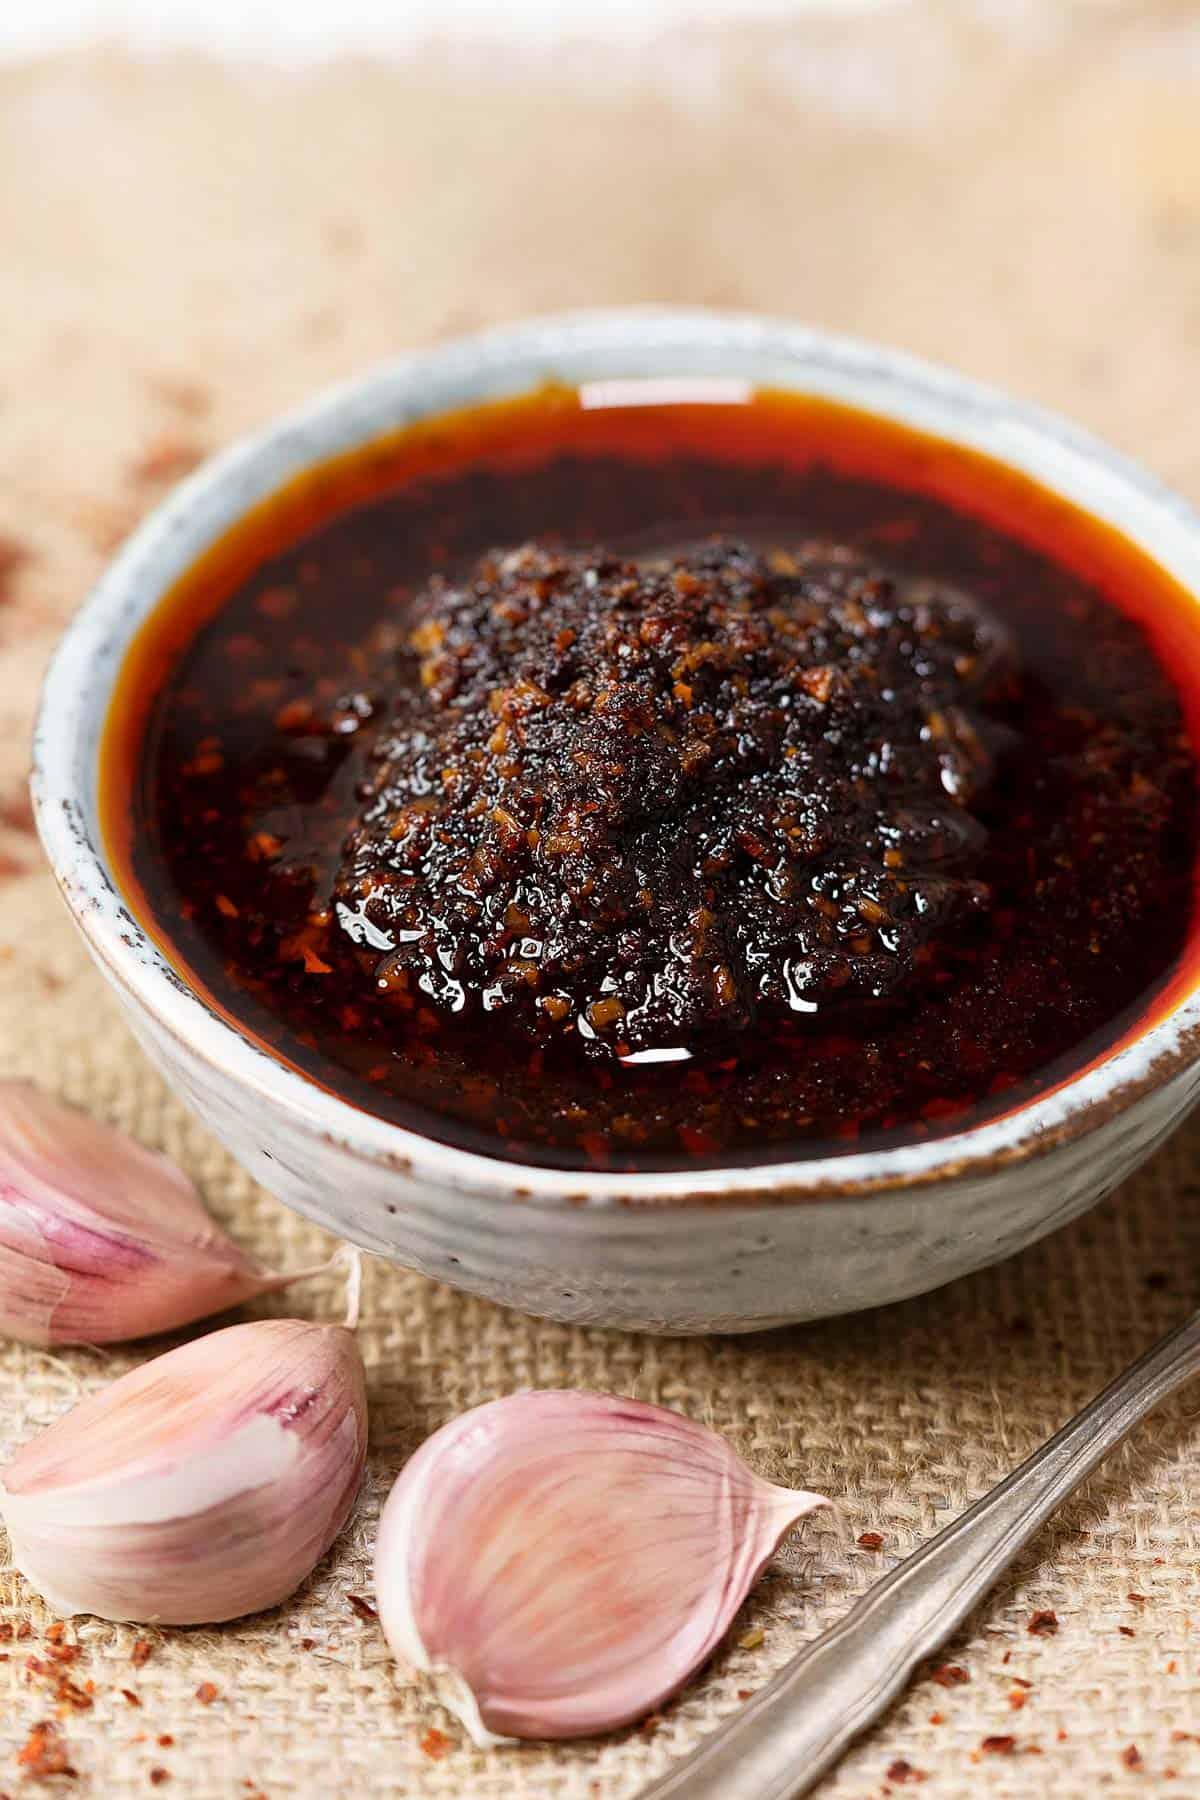 Garlic chili oil in a bowl